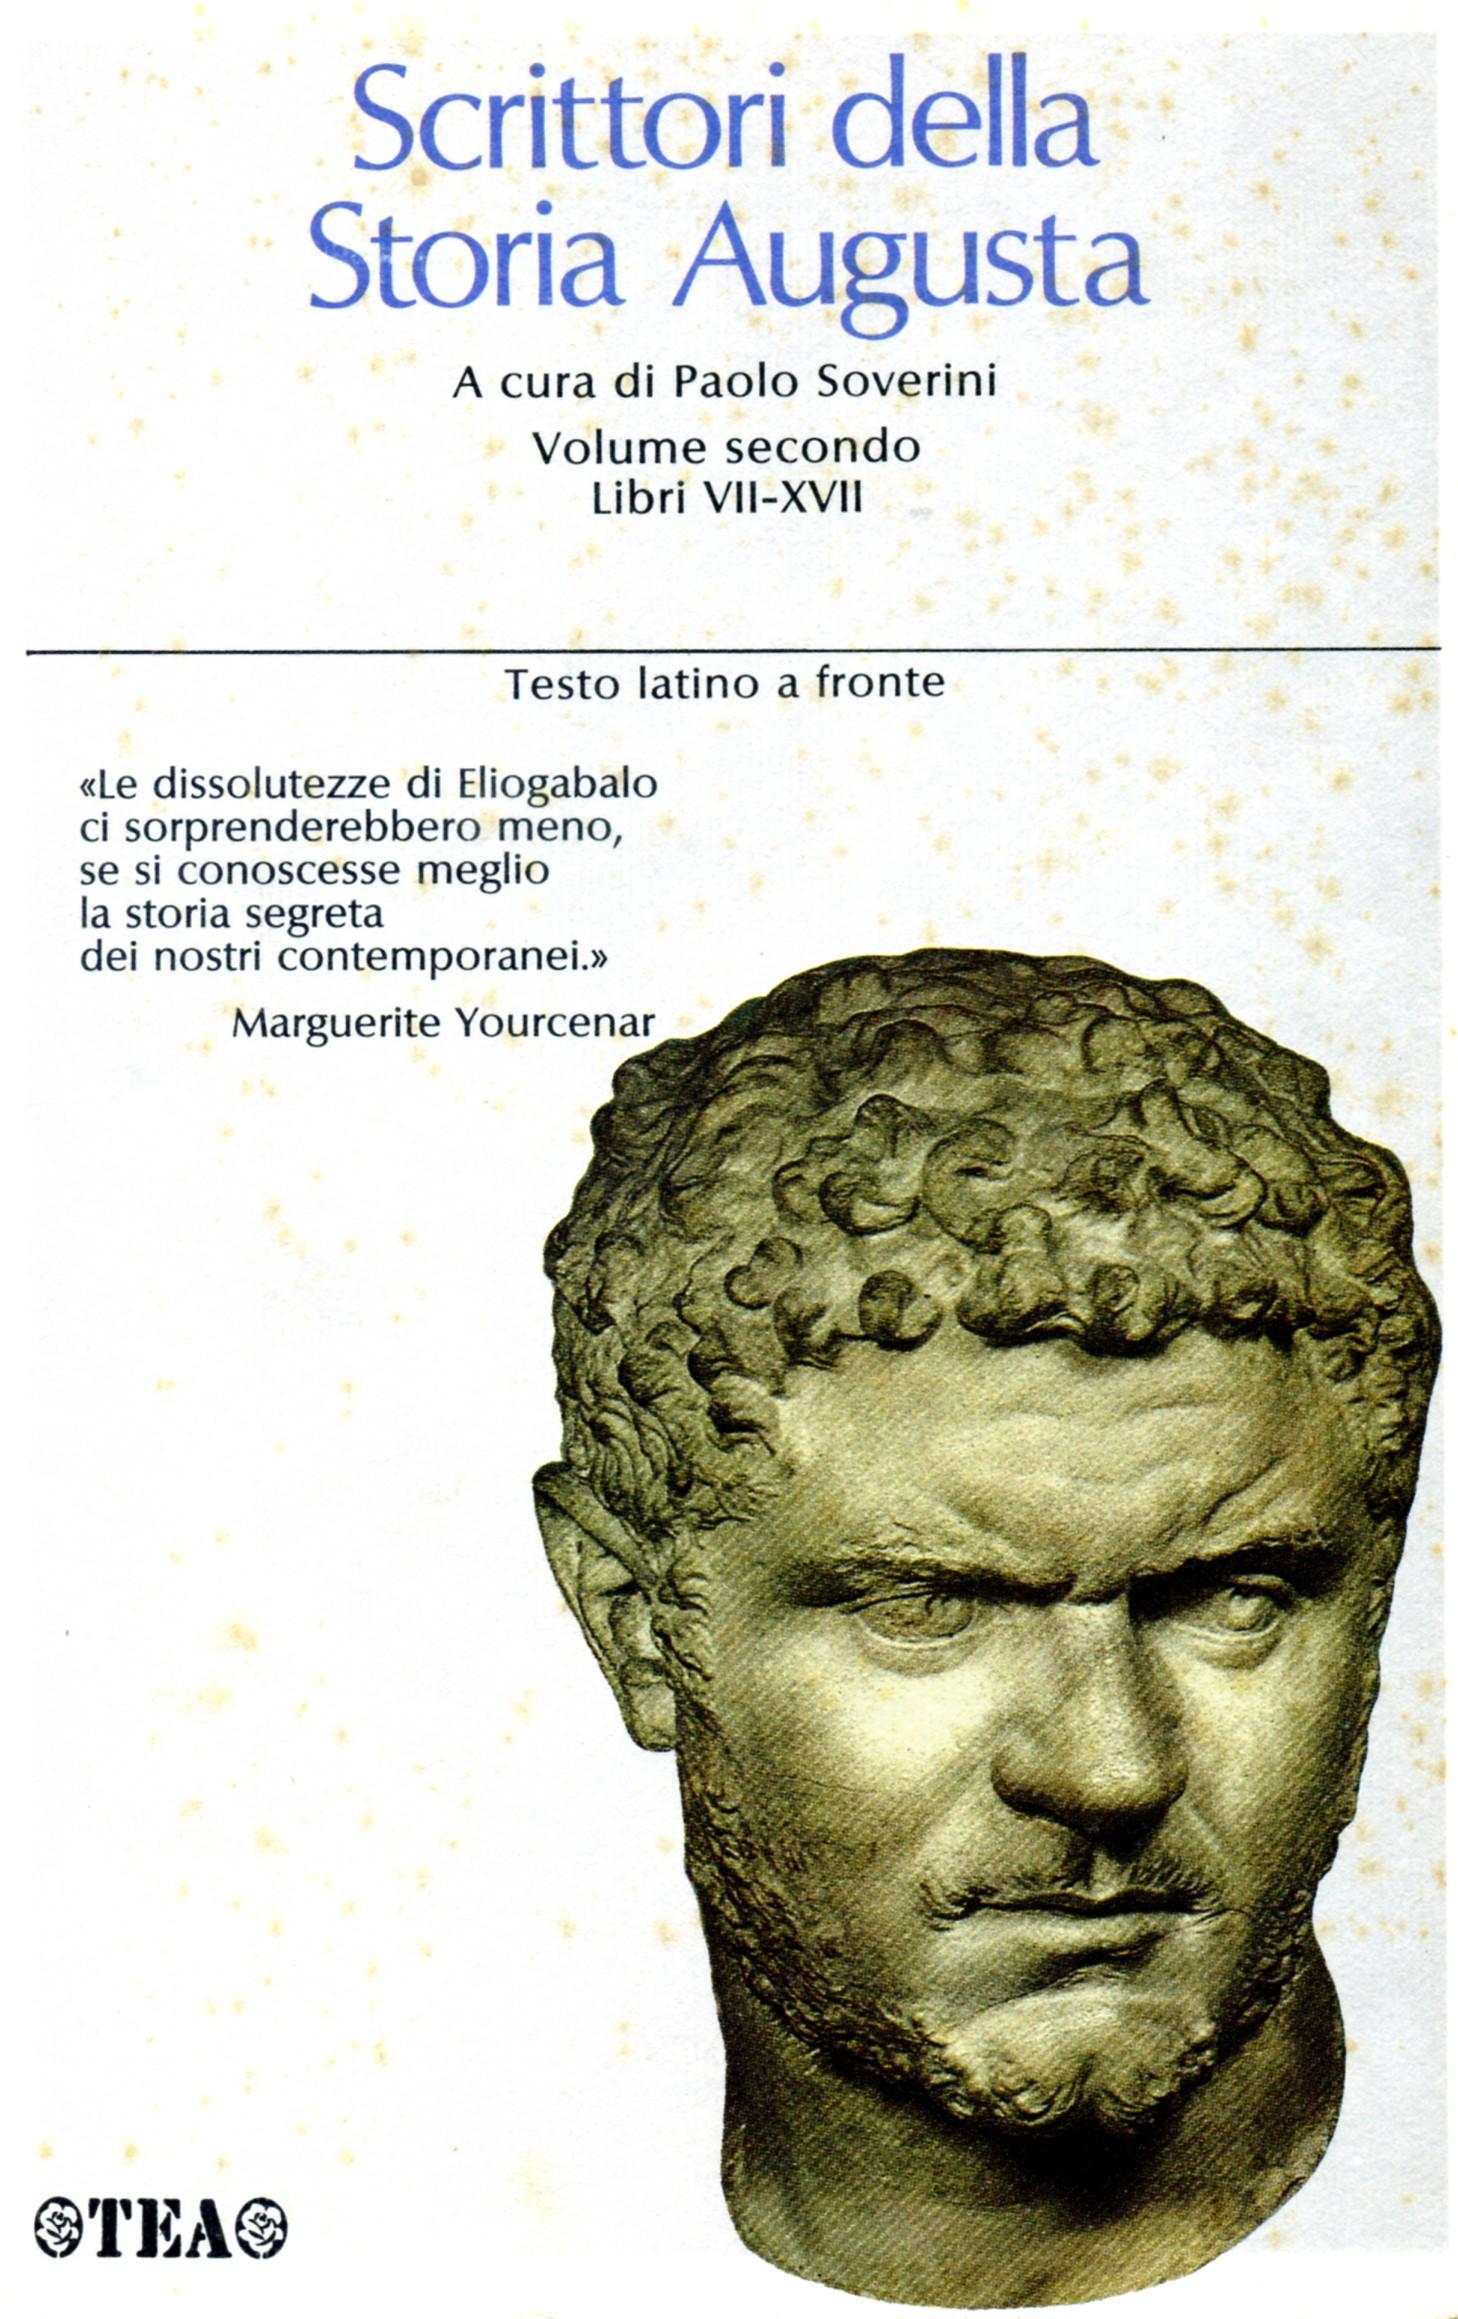 Scrittori della storia augusta / Libri VII-XVII